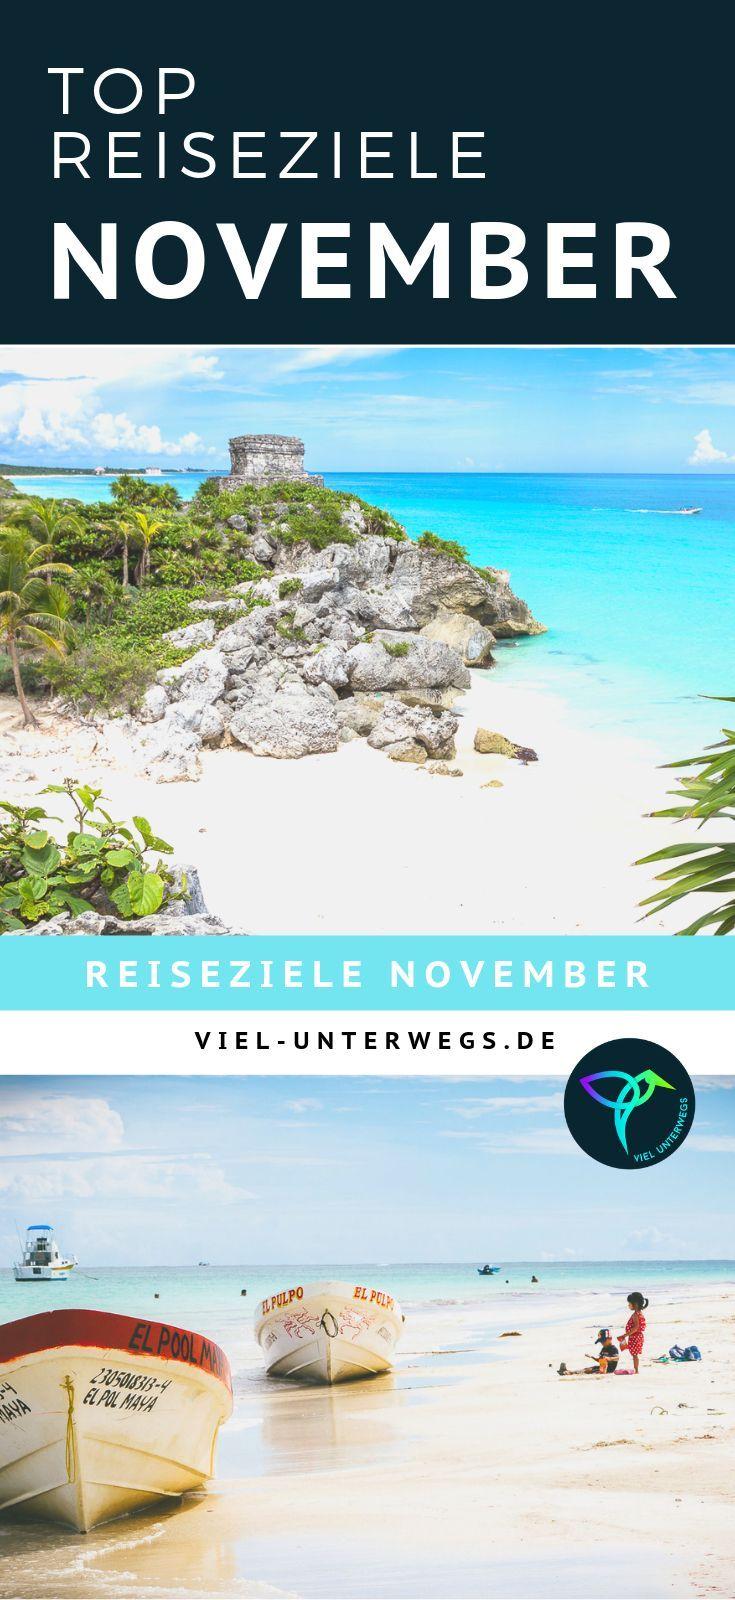 Top-Reiseziele im November 2018 *  Unstere TIpps für die  besten Reiseziele im …